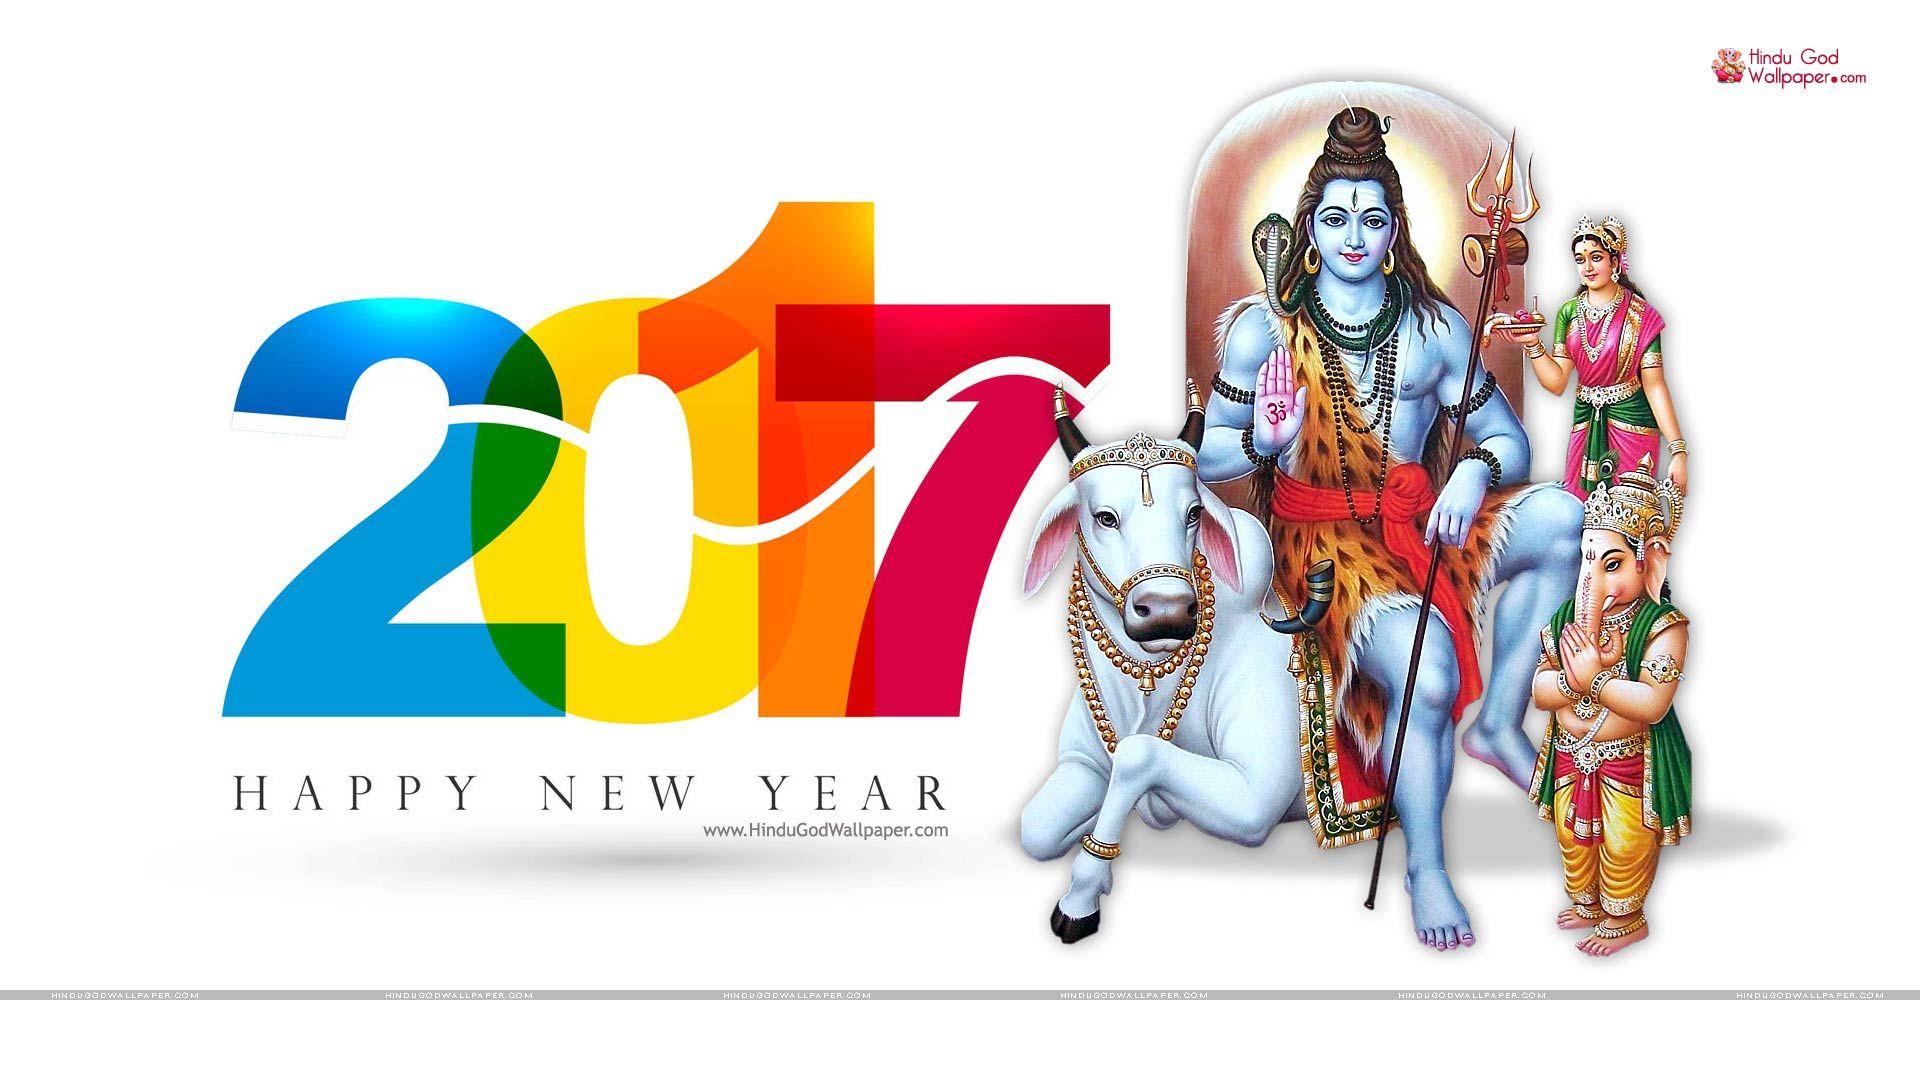 Hd wallpaper new 2017 - Happy New Year 2017 Wallpaper Hd